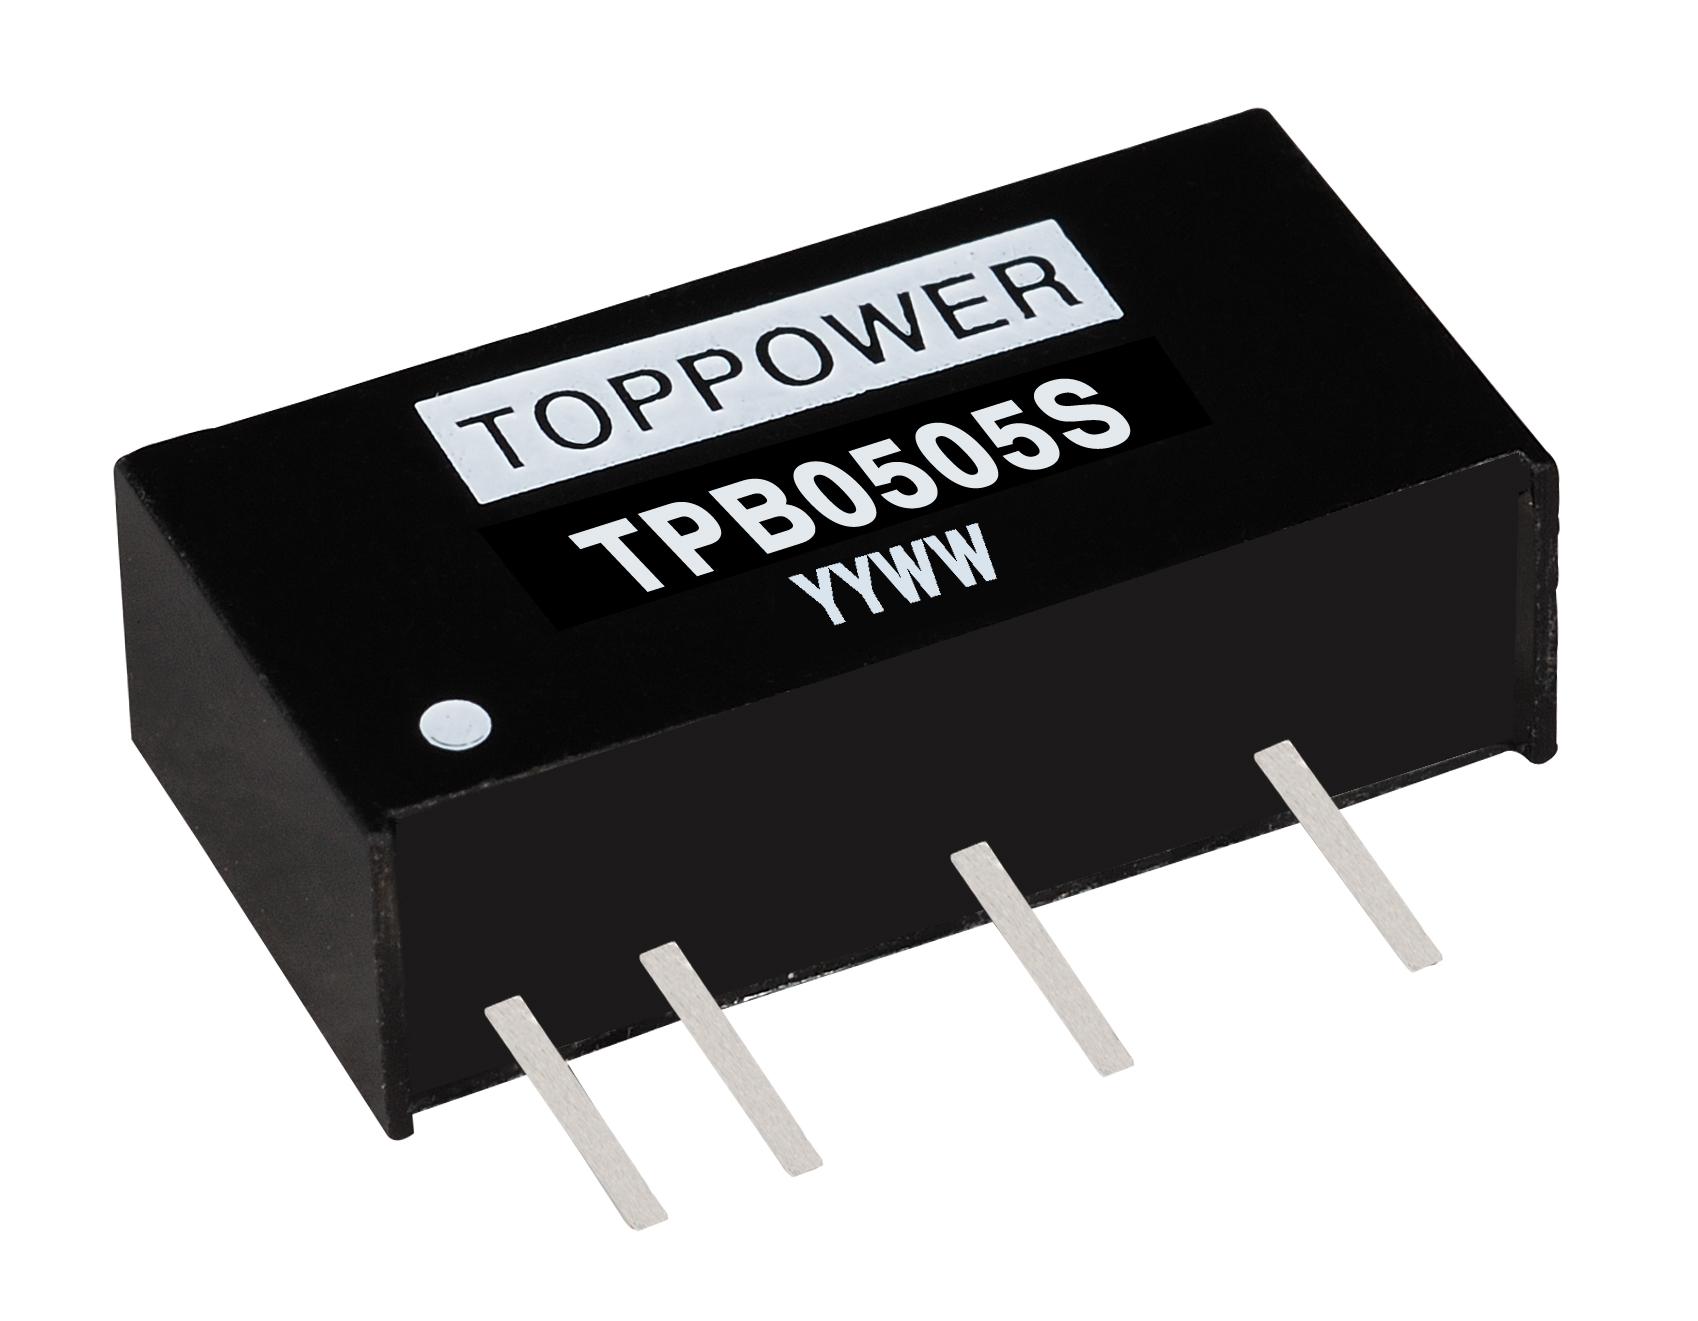 8-TPB0505S.jpg